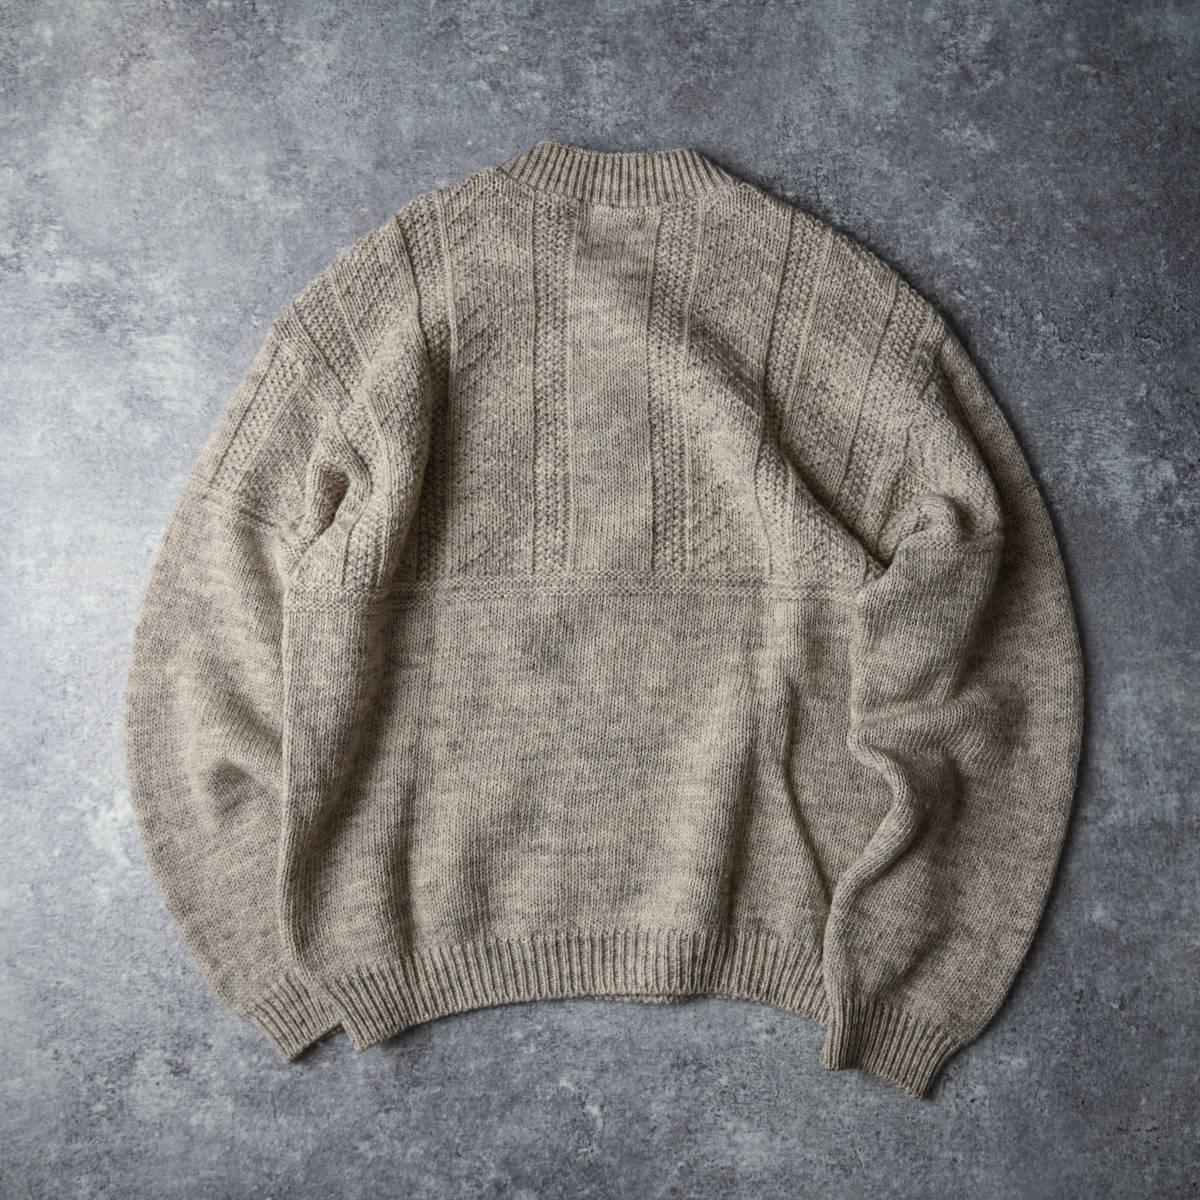 希少 80s L.L.Bean スコットランド製 ショールカラー ニット セーター 杢ウール / ビンテージ エルエルビーン フィッシャーマン 70s 90s_画像2